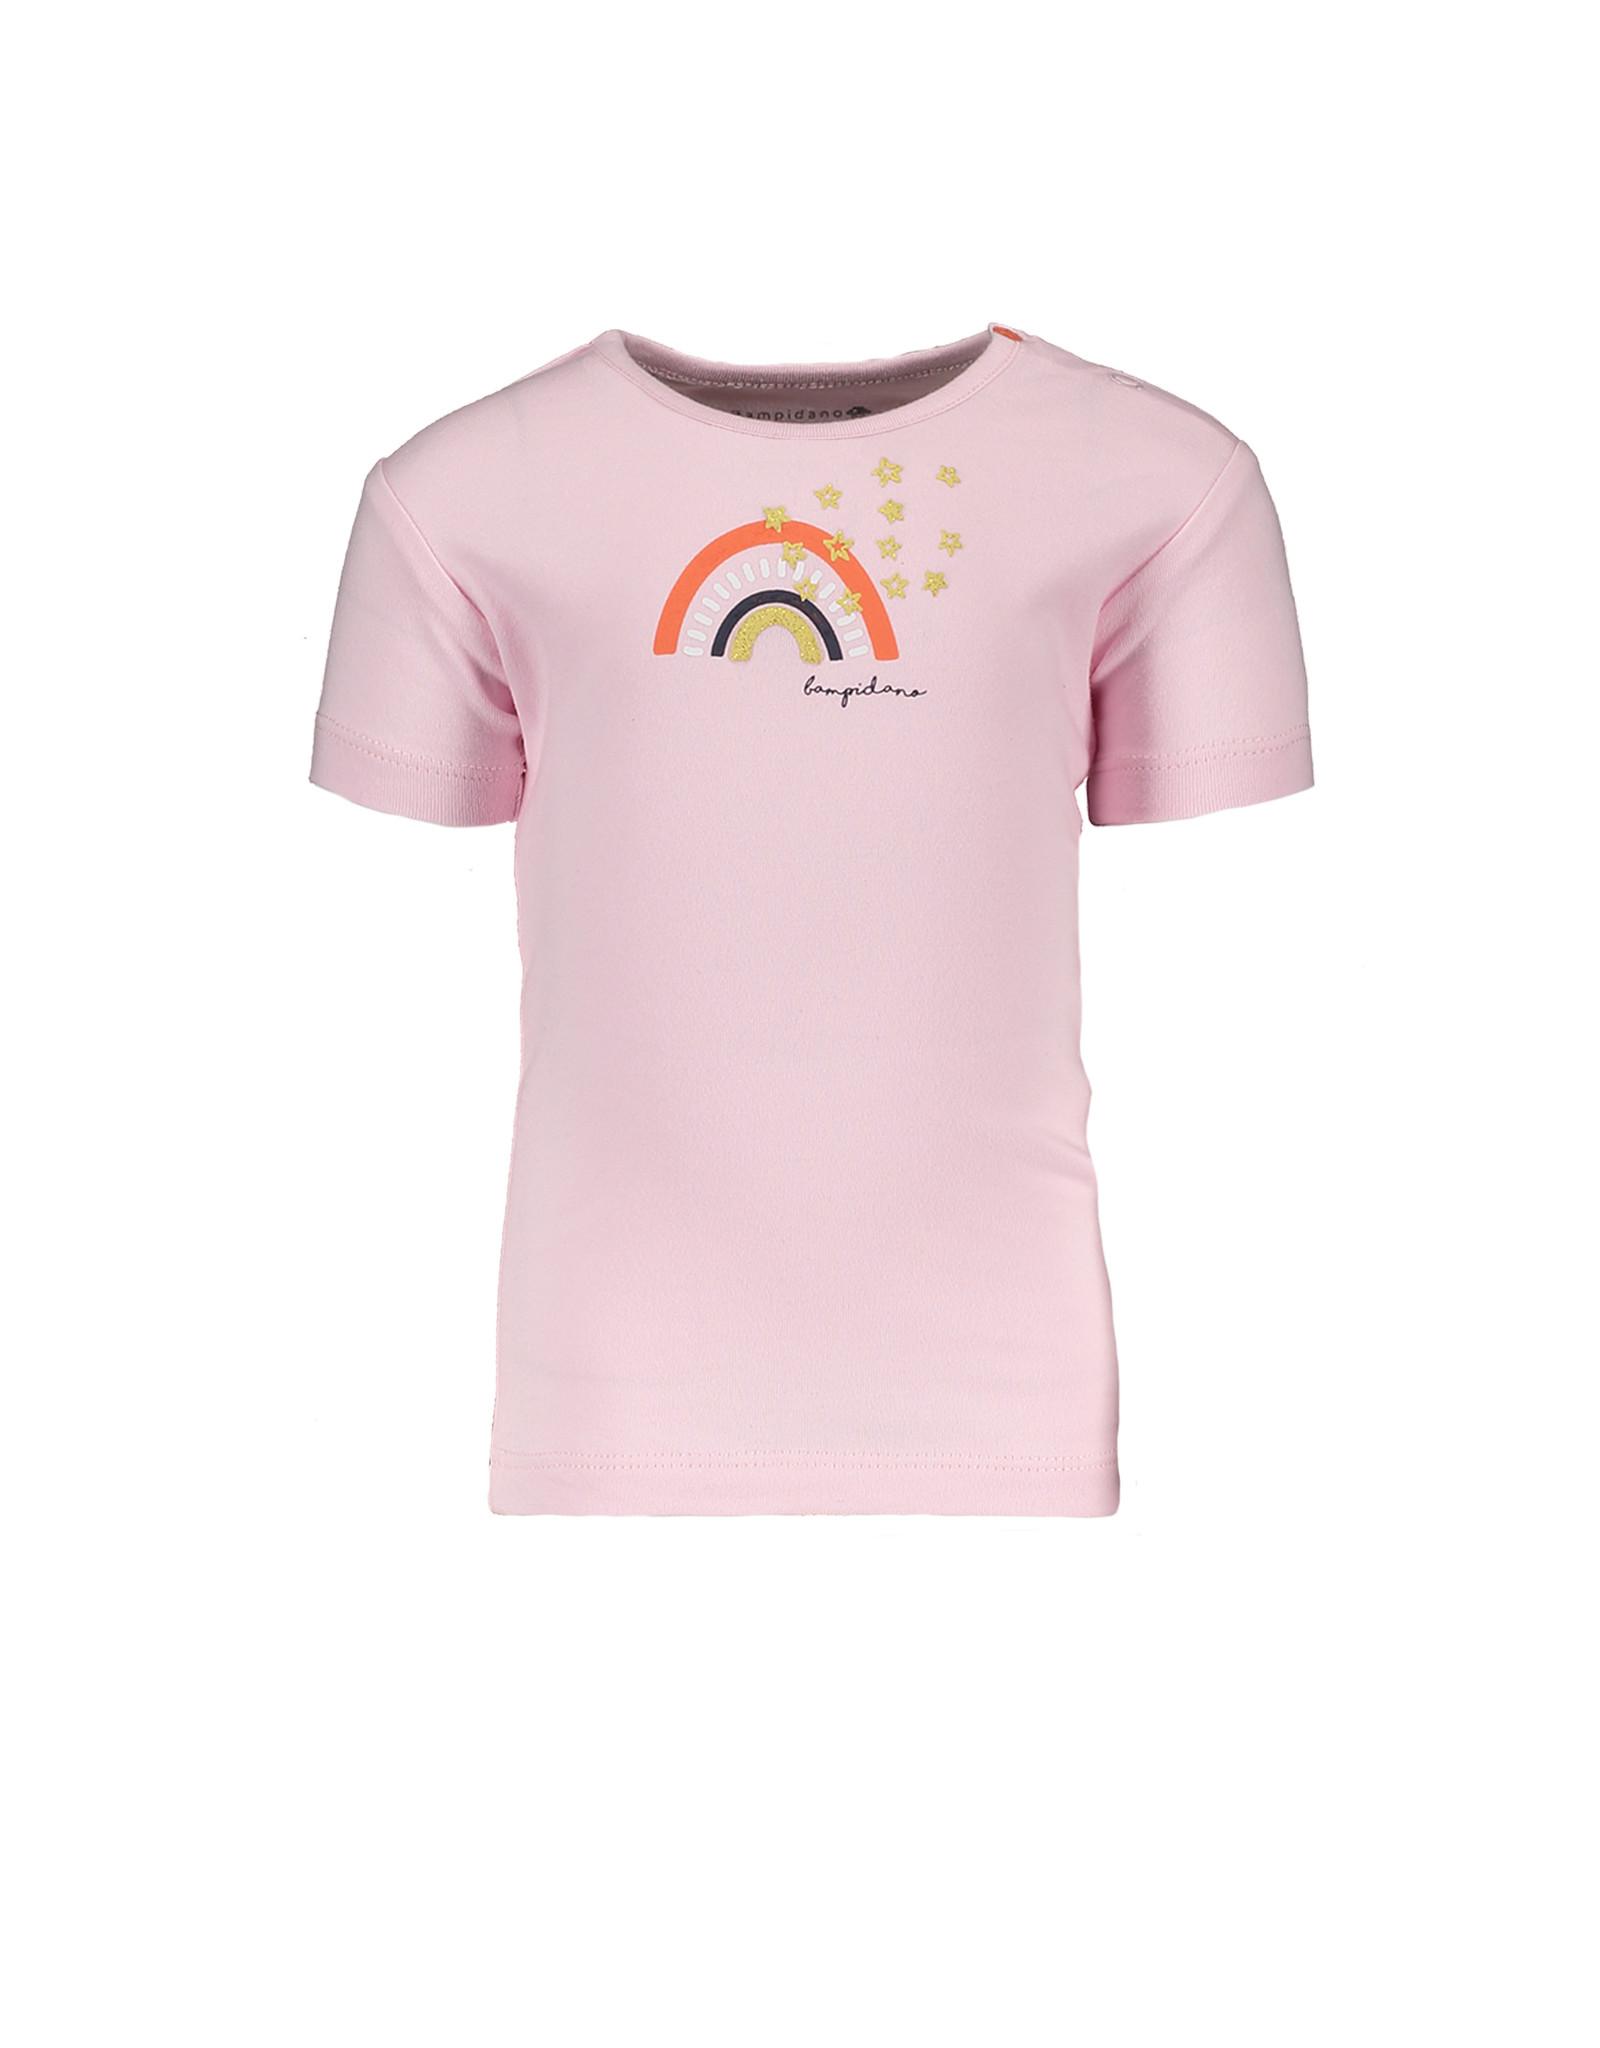 Bampidano Little Bampidano Girls short sleeve T-shirt Dionne plain with print FLOWER